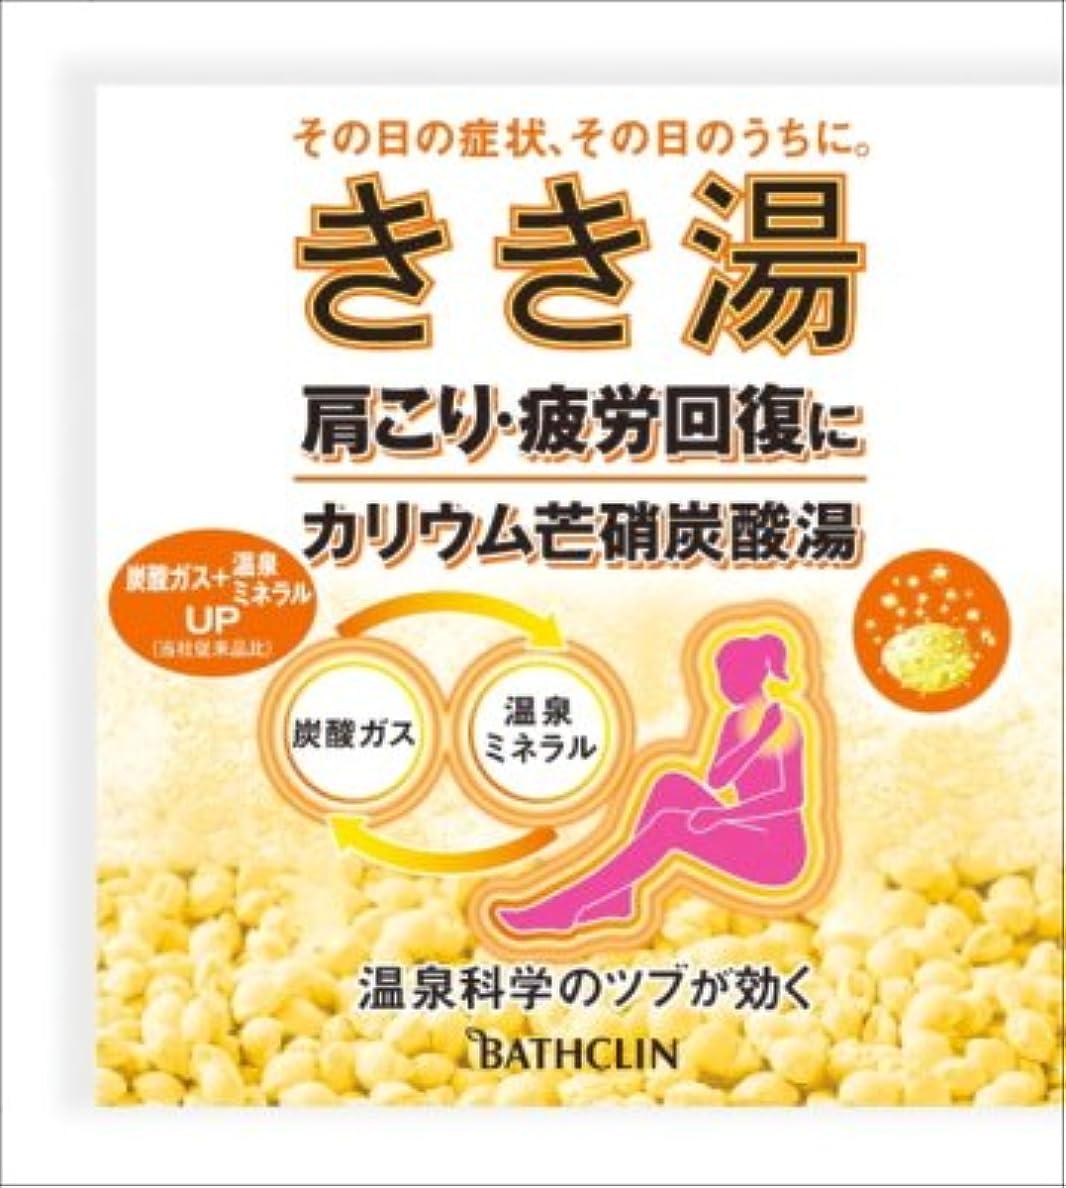 活気づくそれにもかかわらず汚物バスクリン きき湯 カリウム芒硝炭酸湯 30g(入浴剤)×120個セット